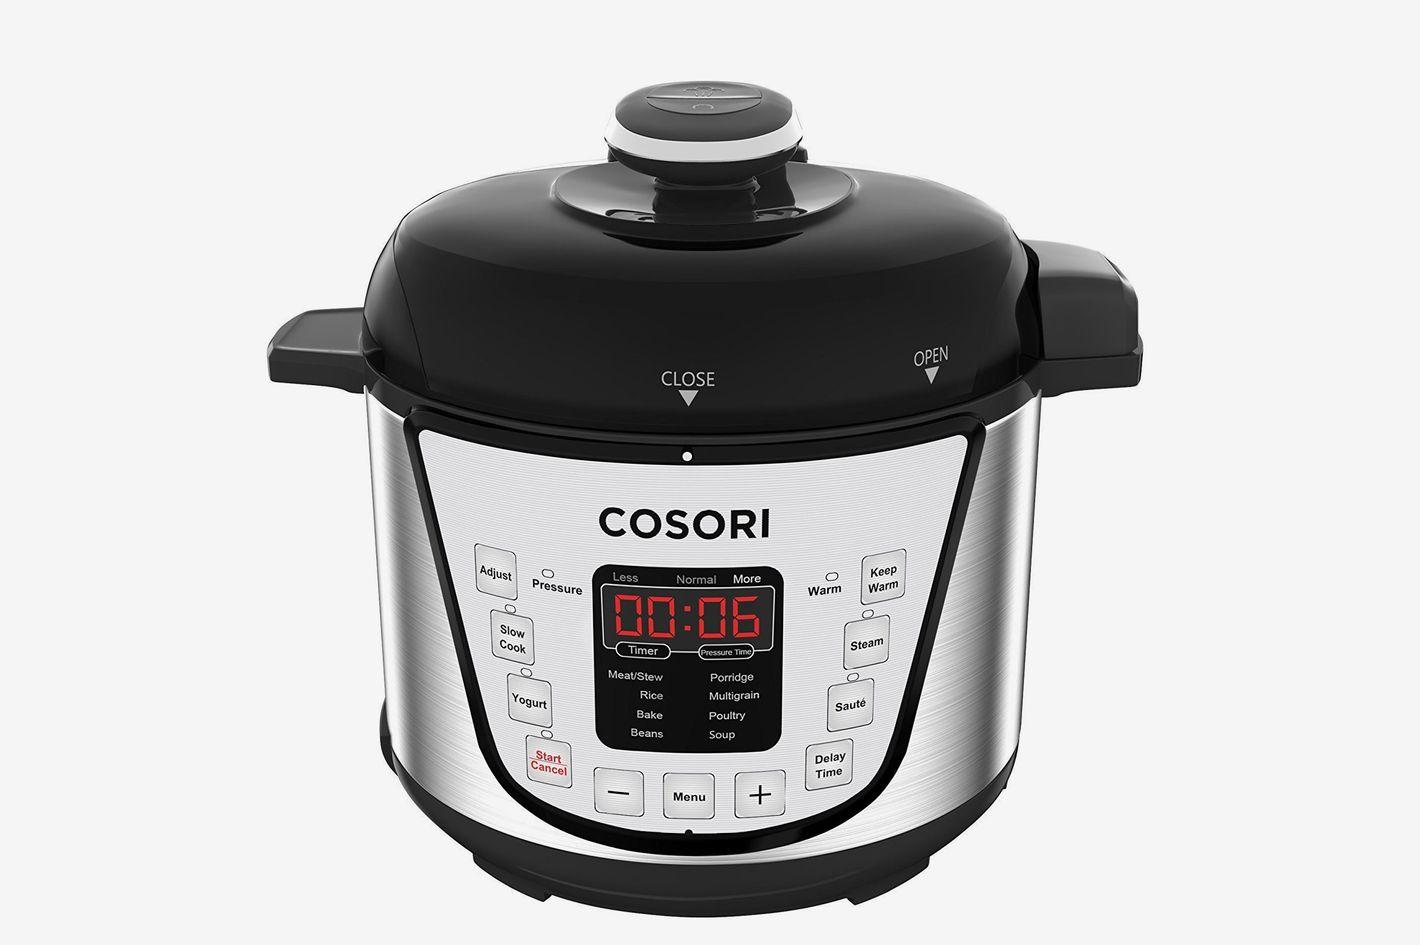 Cosori Mini 2.1 Qt 7-in-1 Multi-Functional Programmable Pressure Cooker